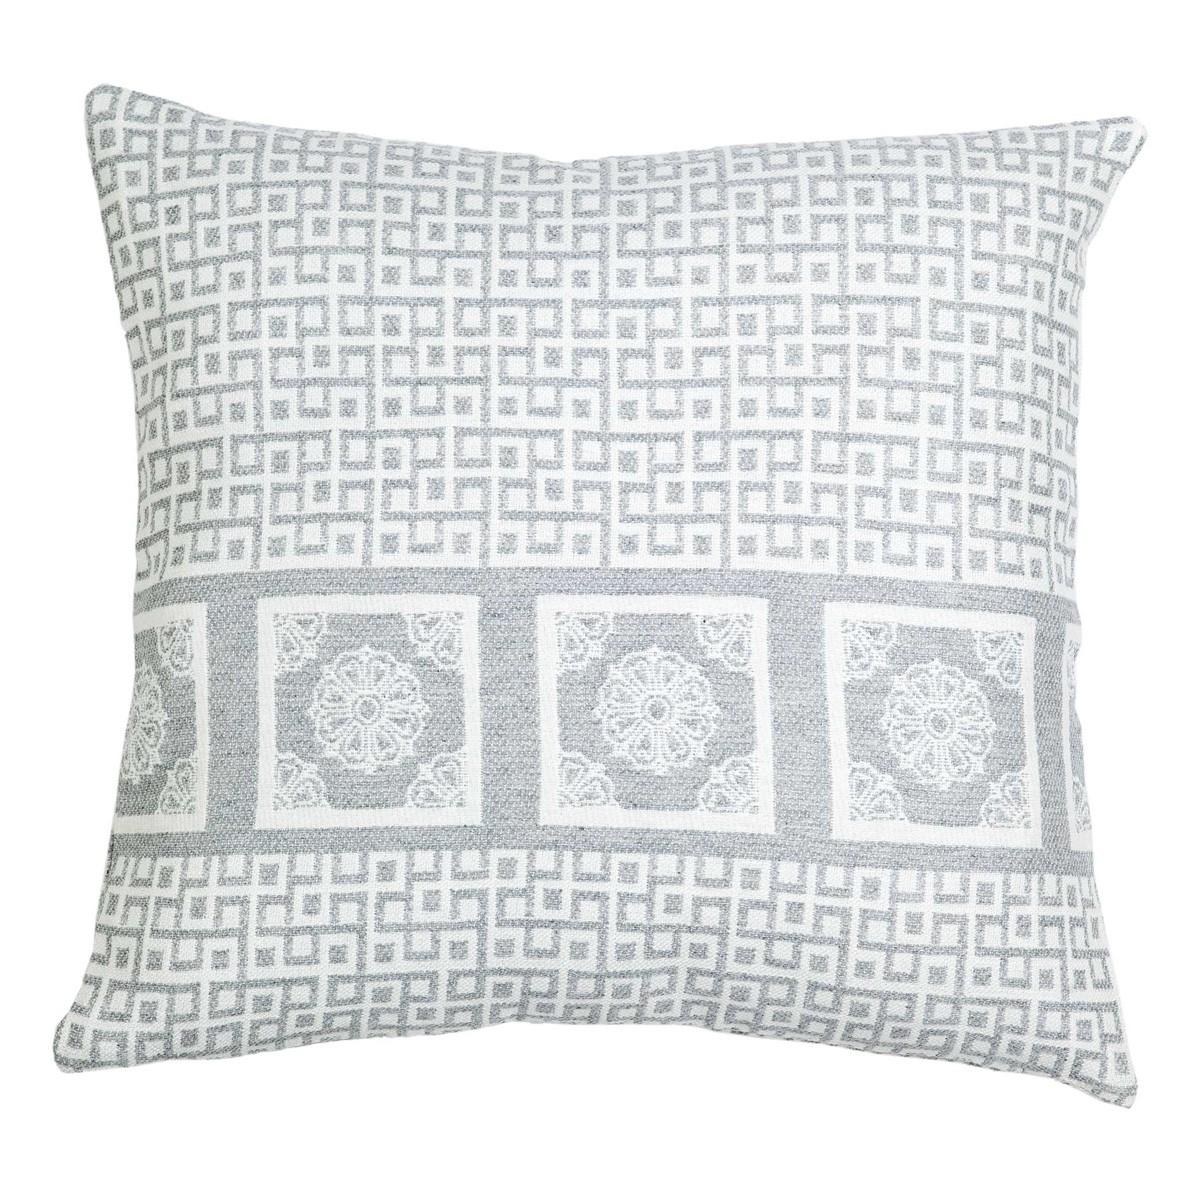 Διακοσμητική Μαξιλαροθήκη Nima Cushions Meandri Grey